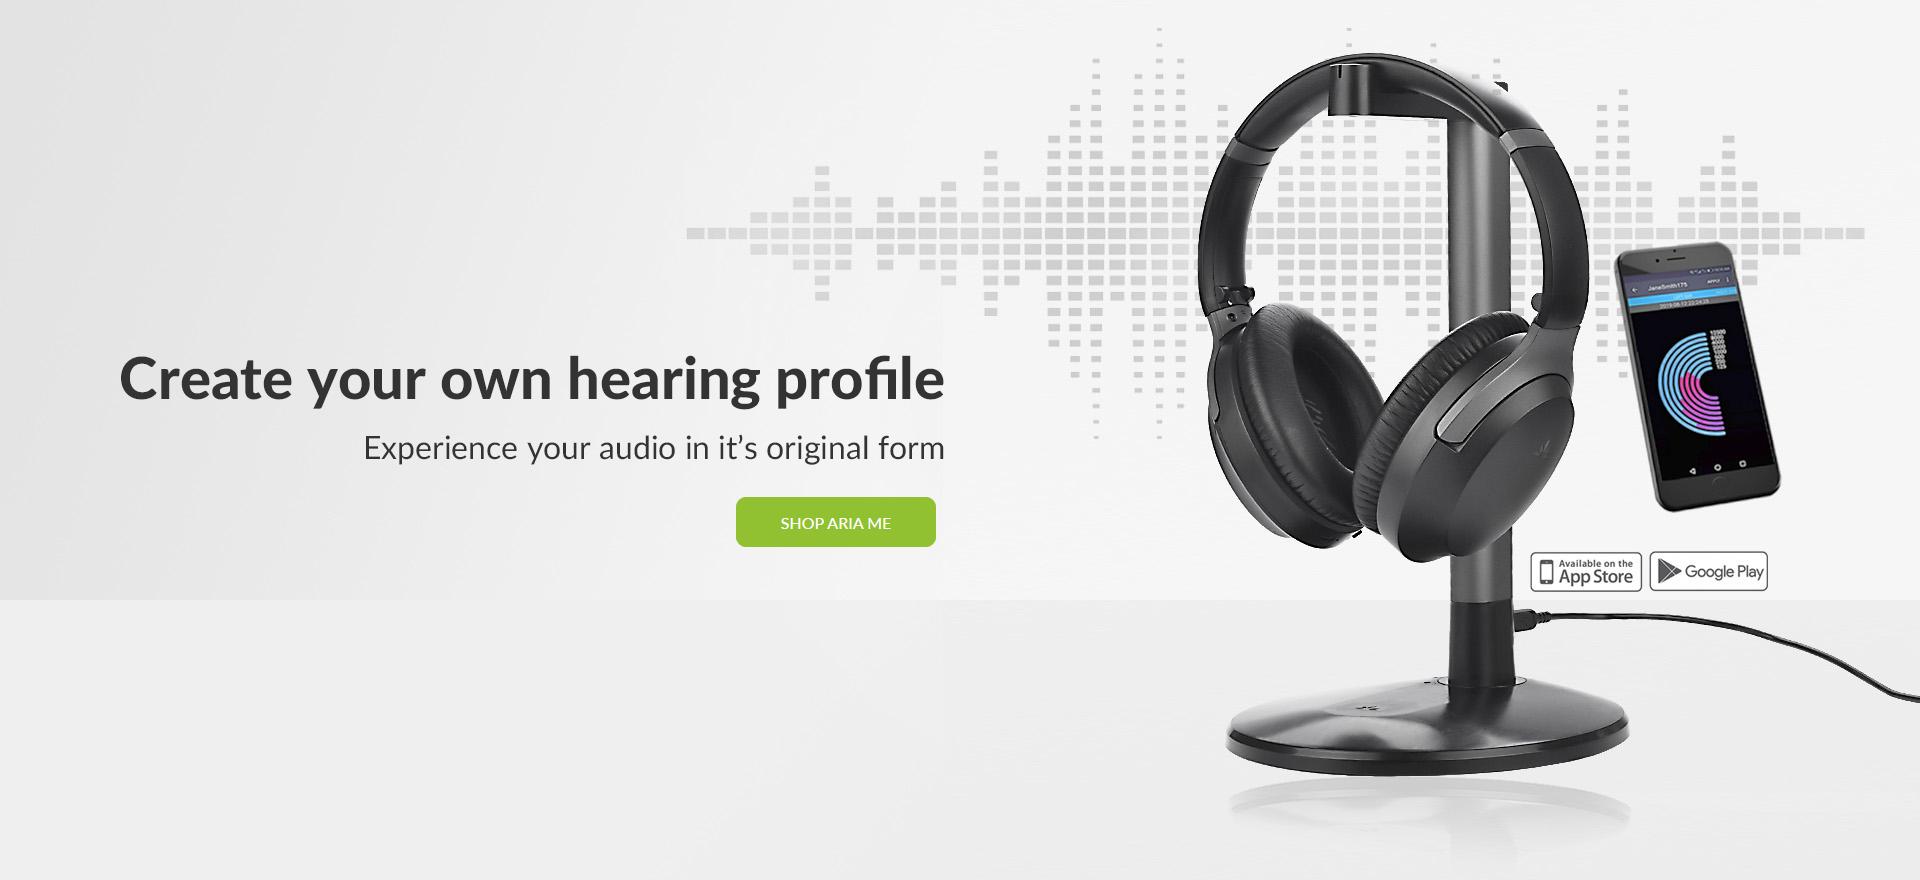 Avantree - The Best Bluetooth Transmitters, Wireless